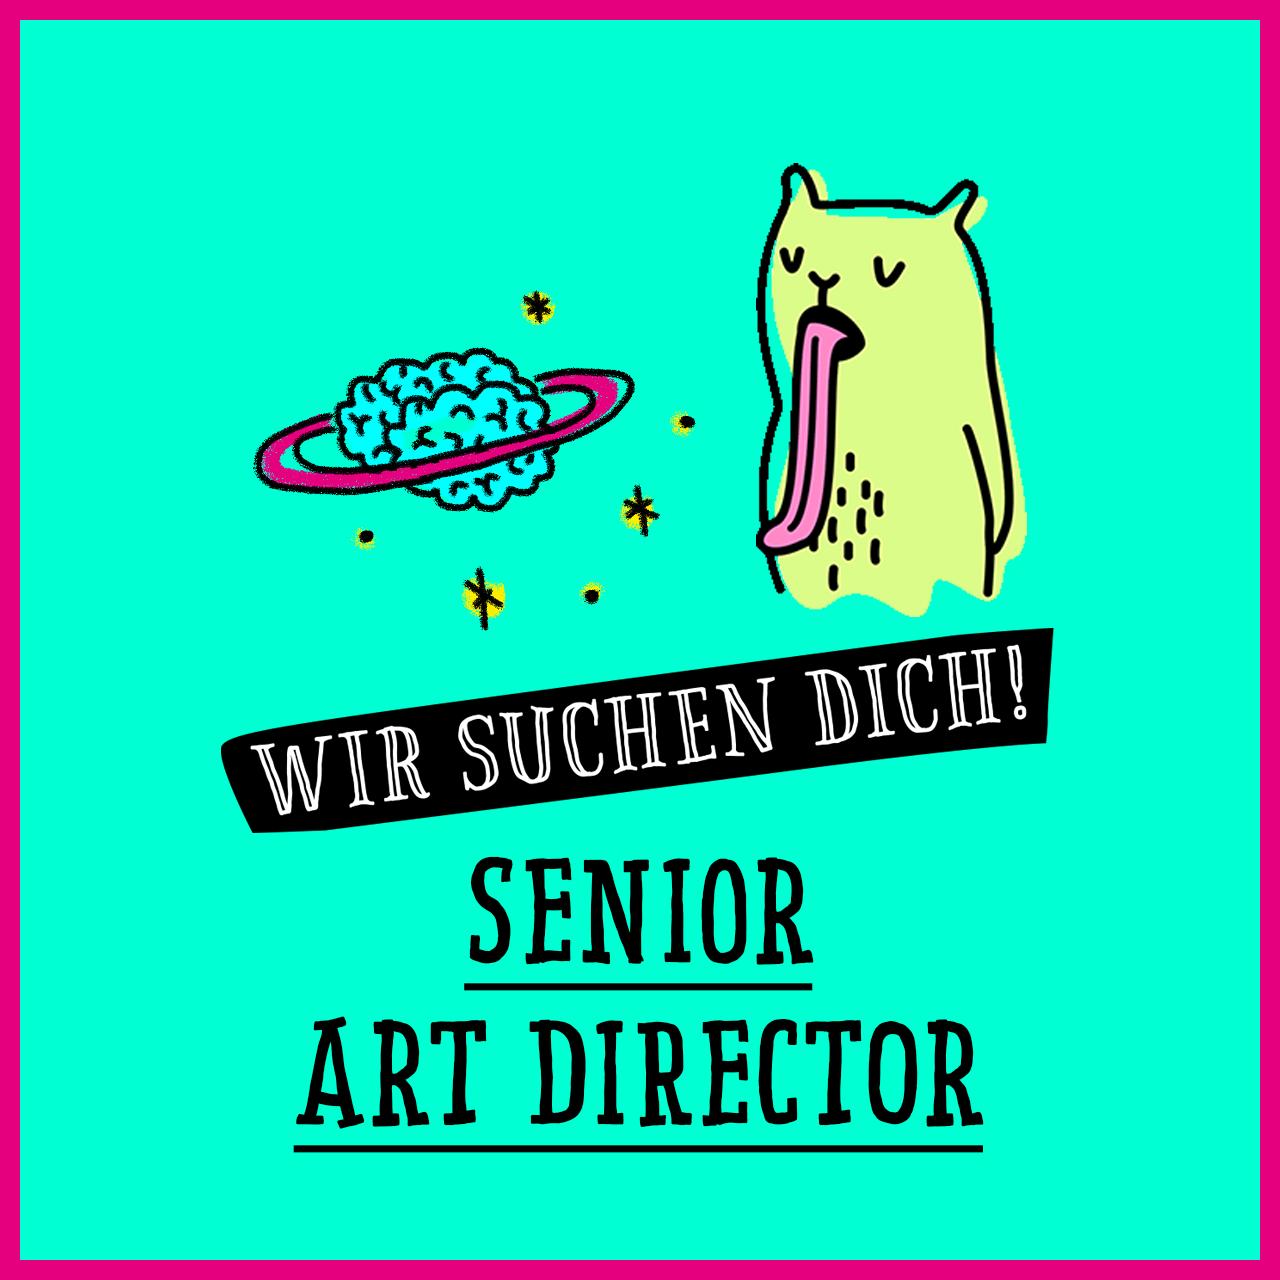 Jobs @ kochstrasse.agency Stellenanzeige / Stellengesuch Senior Art Director (m/w/d)